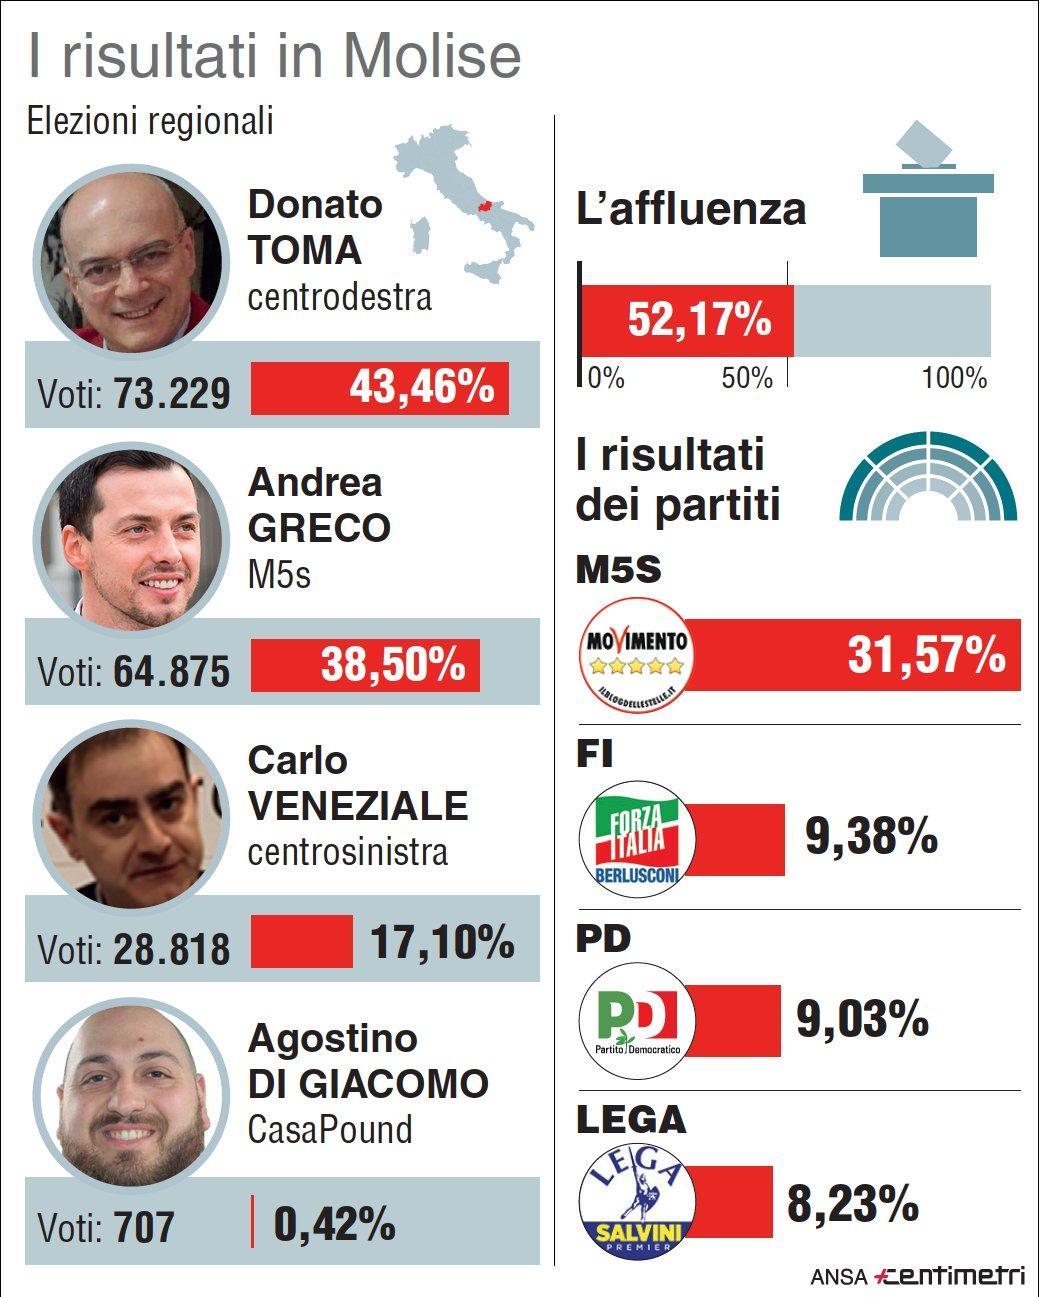 Regionali in Molise, i risultati del voto